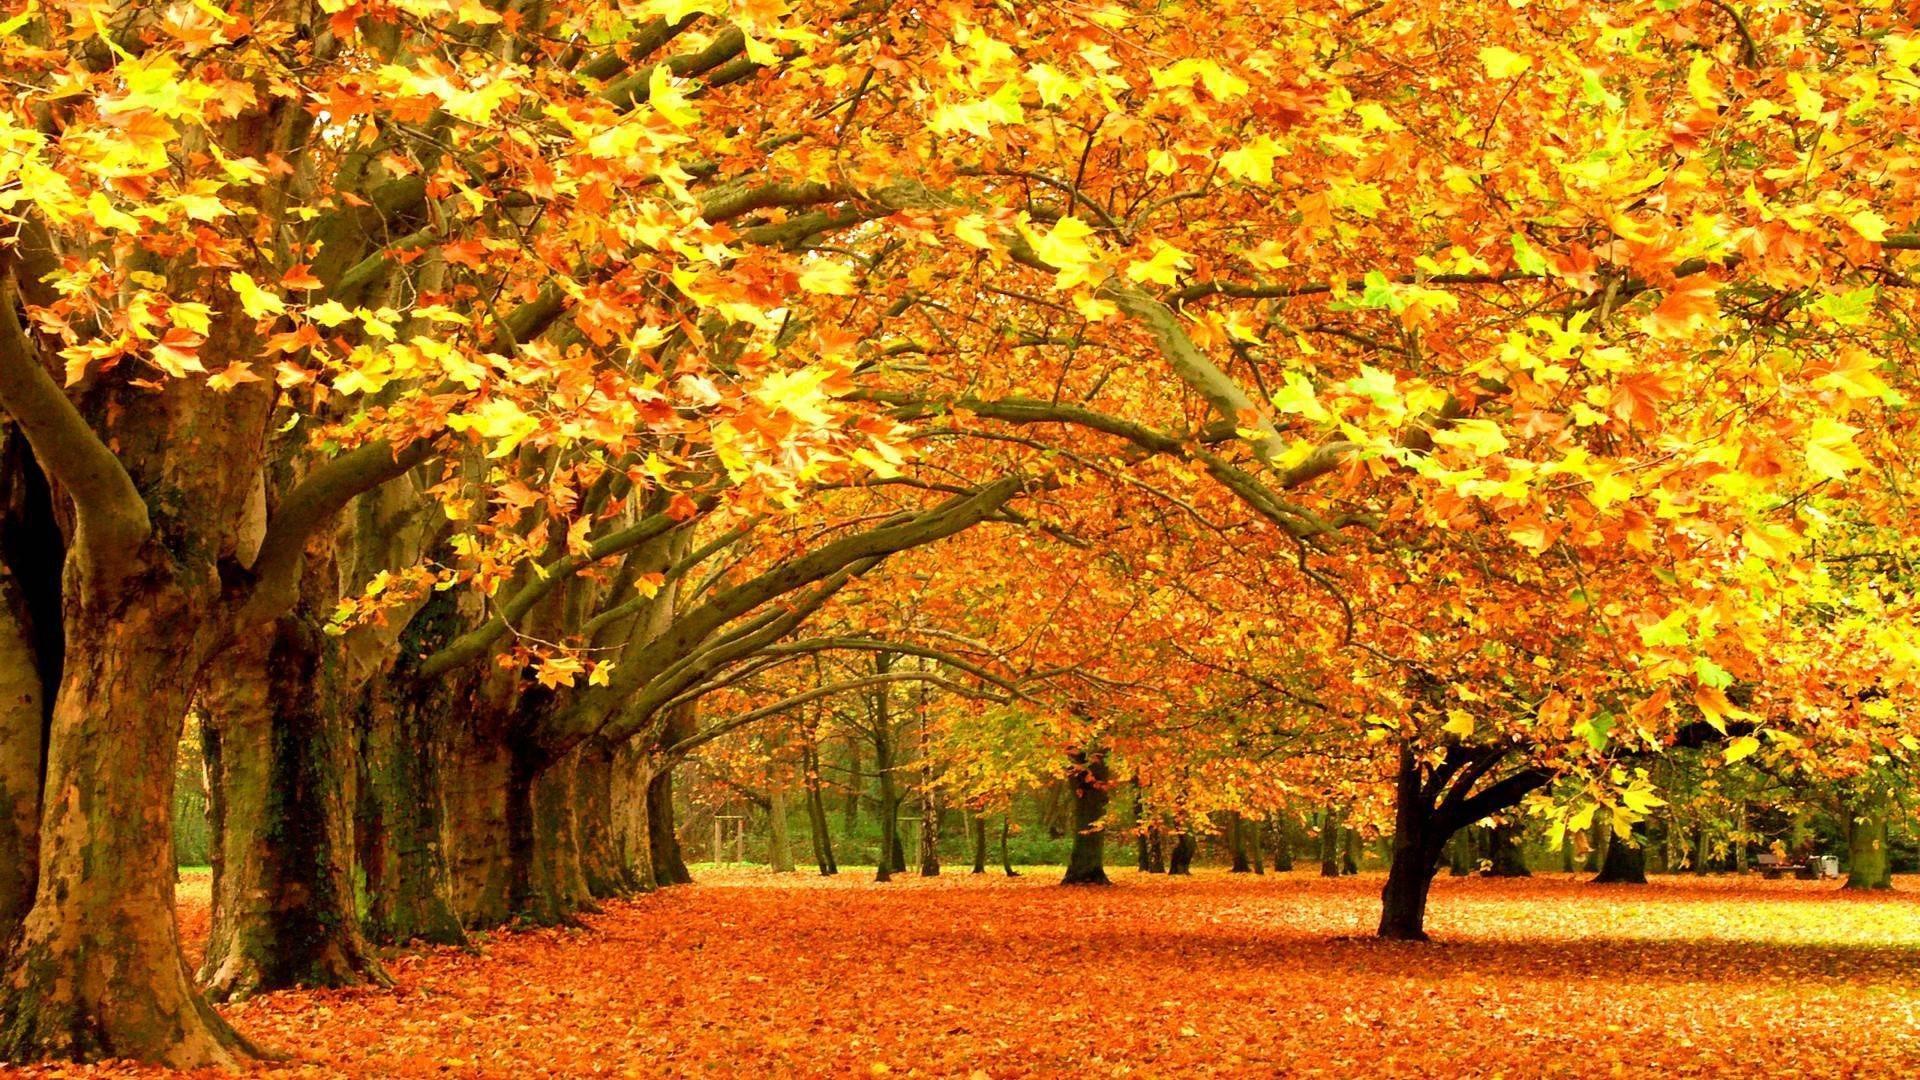 ウィンドウズ8 1テーマのhd壁紙 美しい秋の紅葉 6 19x1080 壁紙ダウンロード ウィンドウズ8 1テーマのhd壁紙 美しい秋の紅葉 システム 壁紙 V3の壁紙